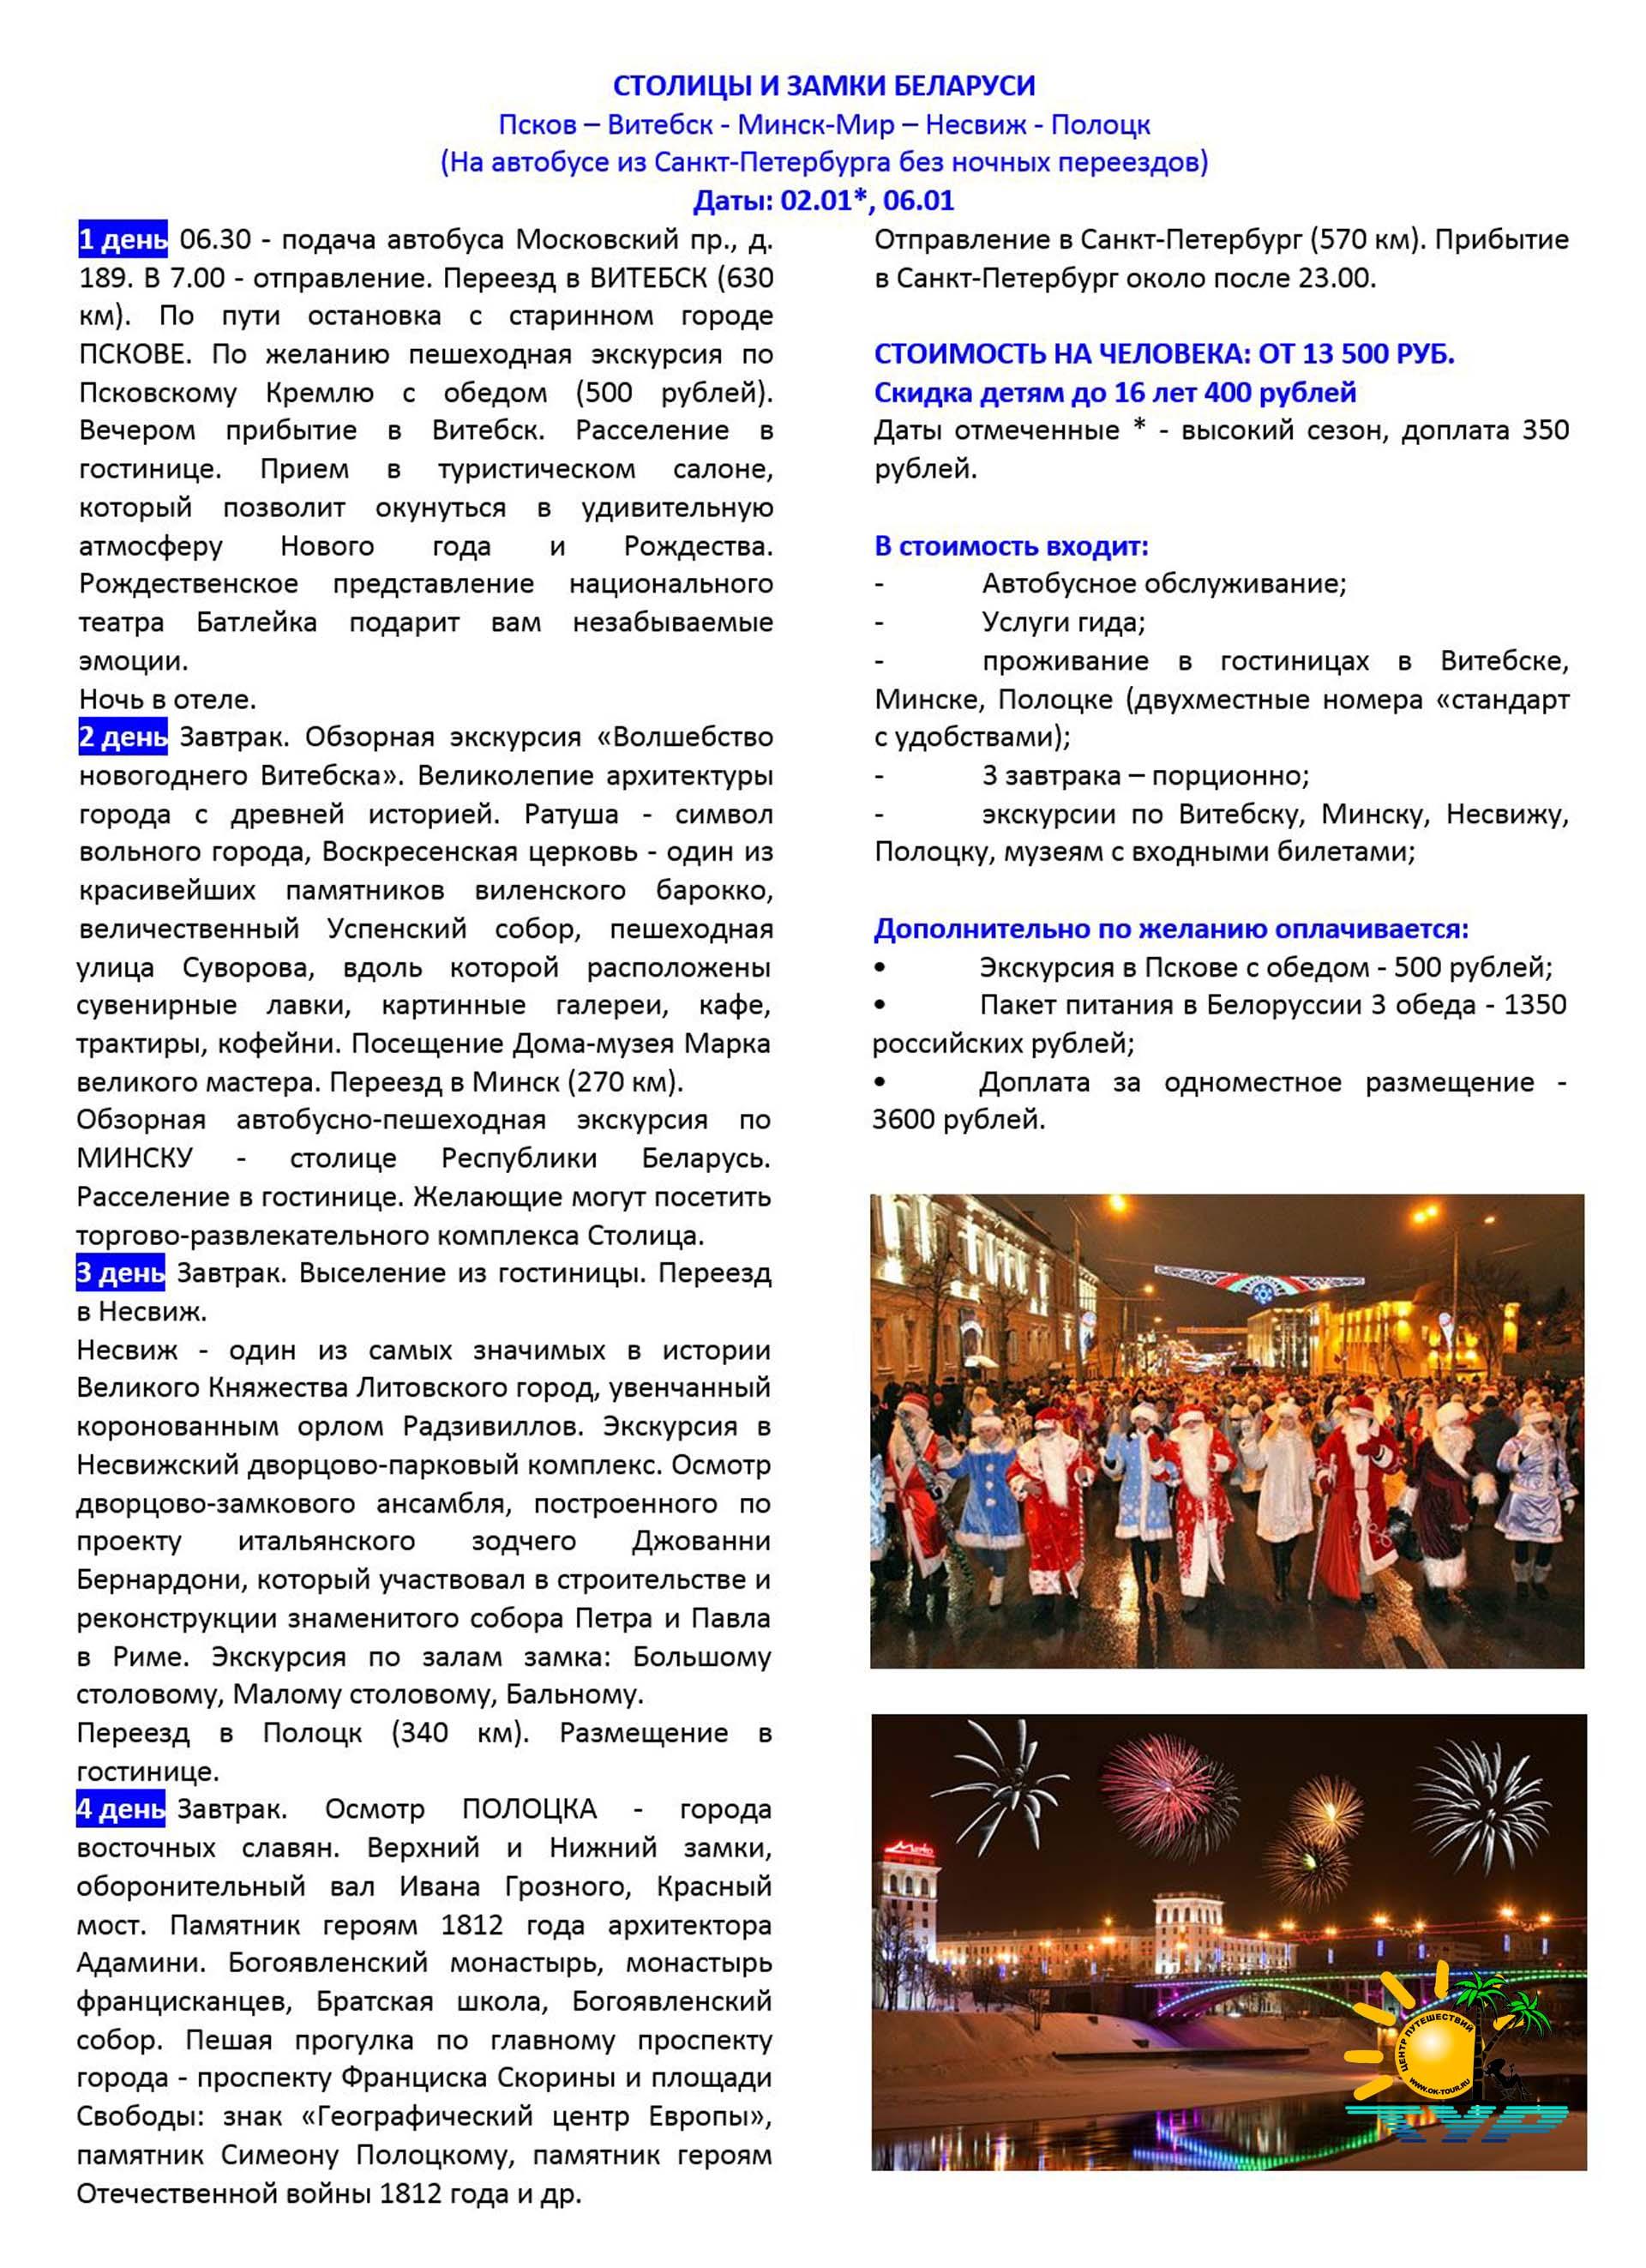 Столицы и замки Беларуси на Новый Год